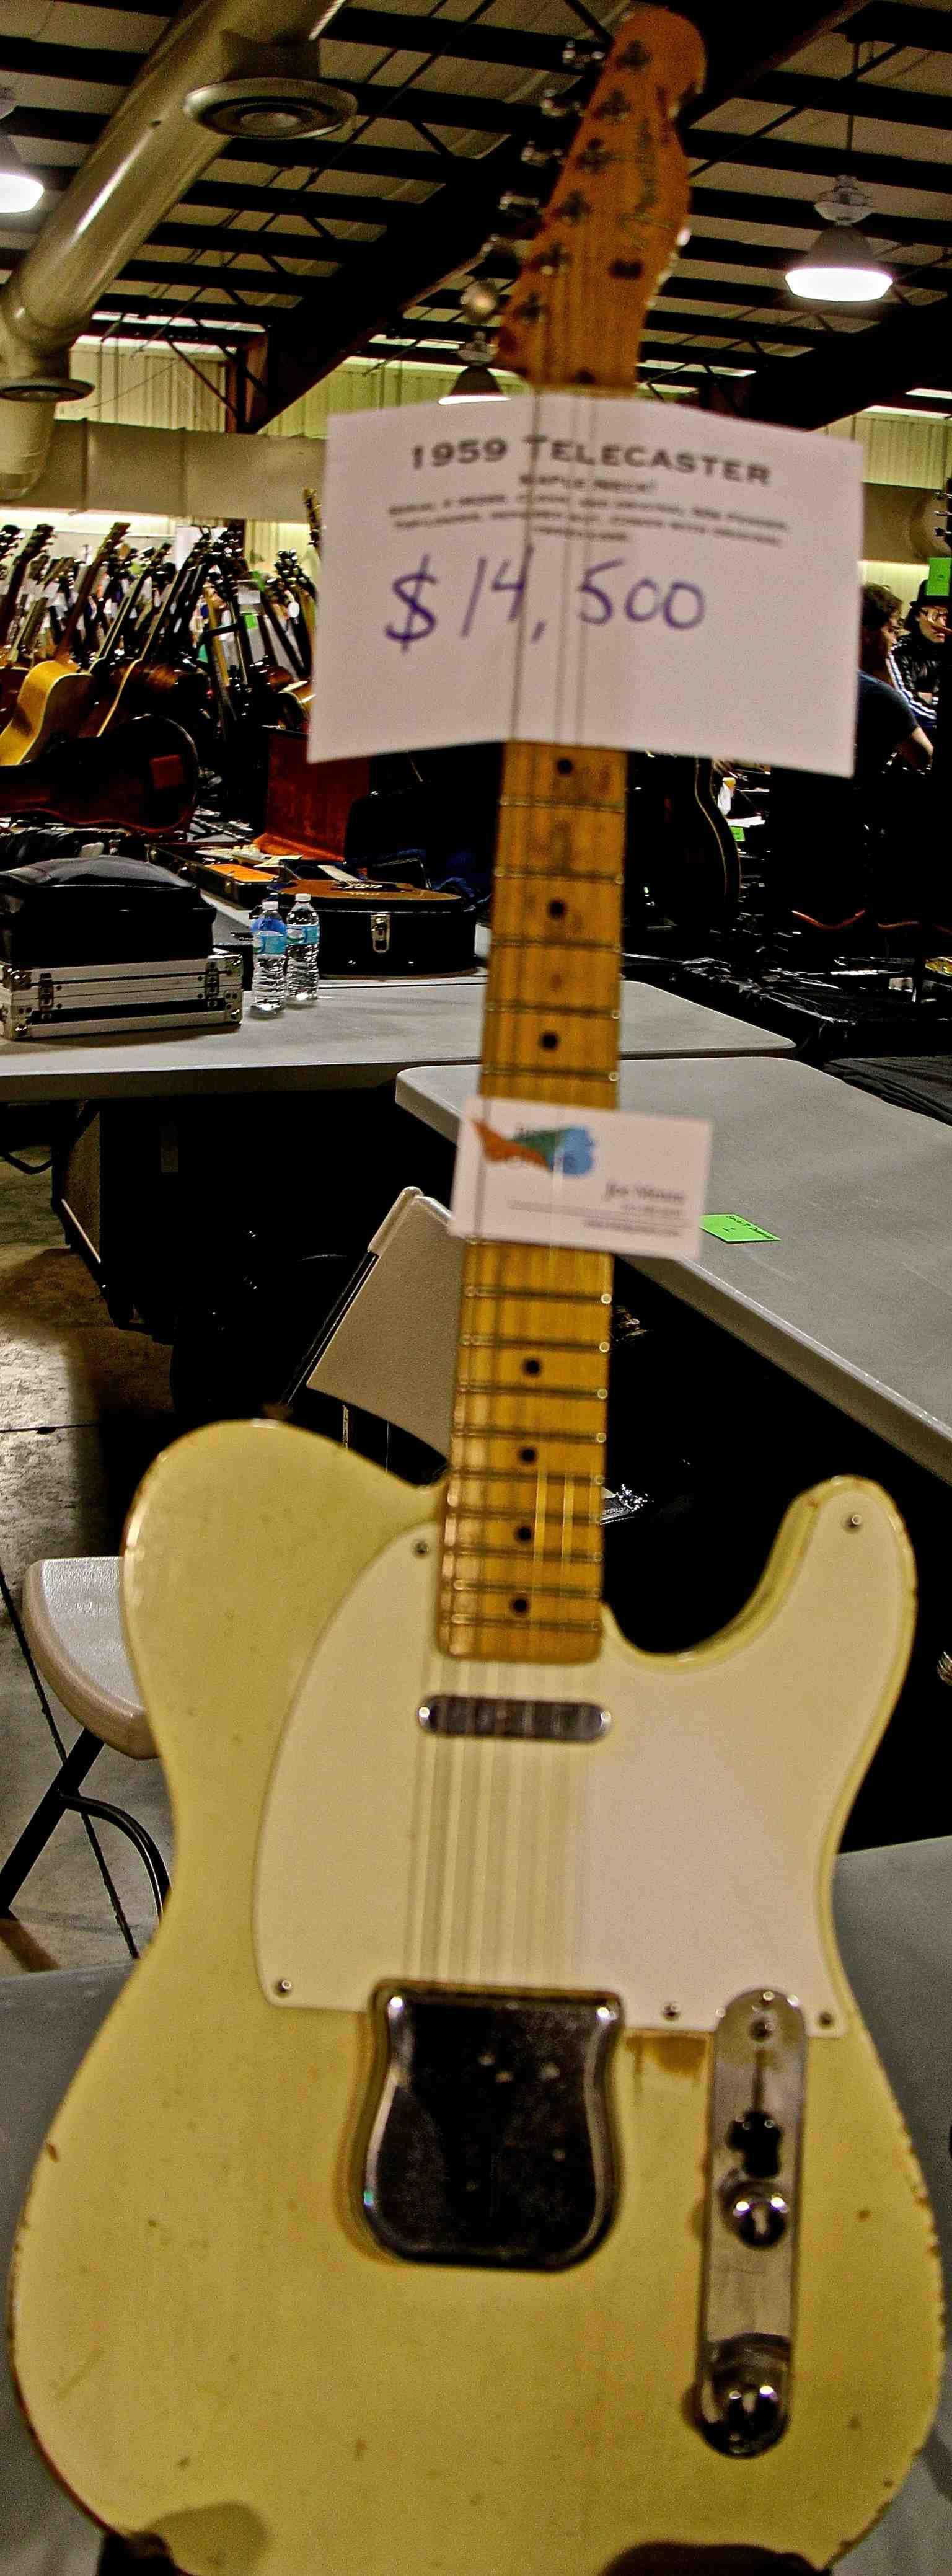 1959 Fender Telecaster.jpg